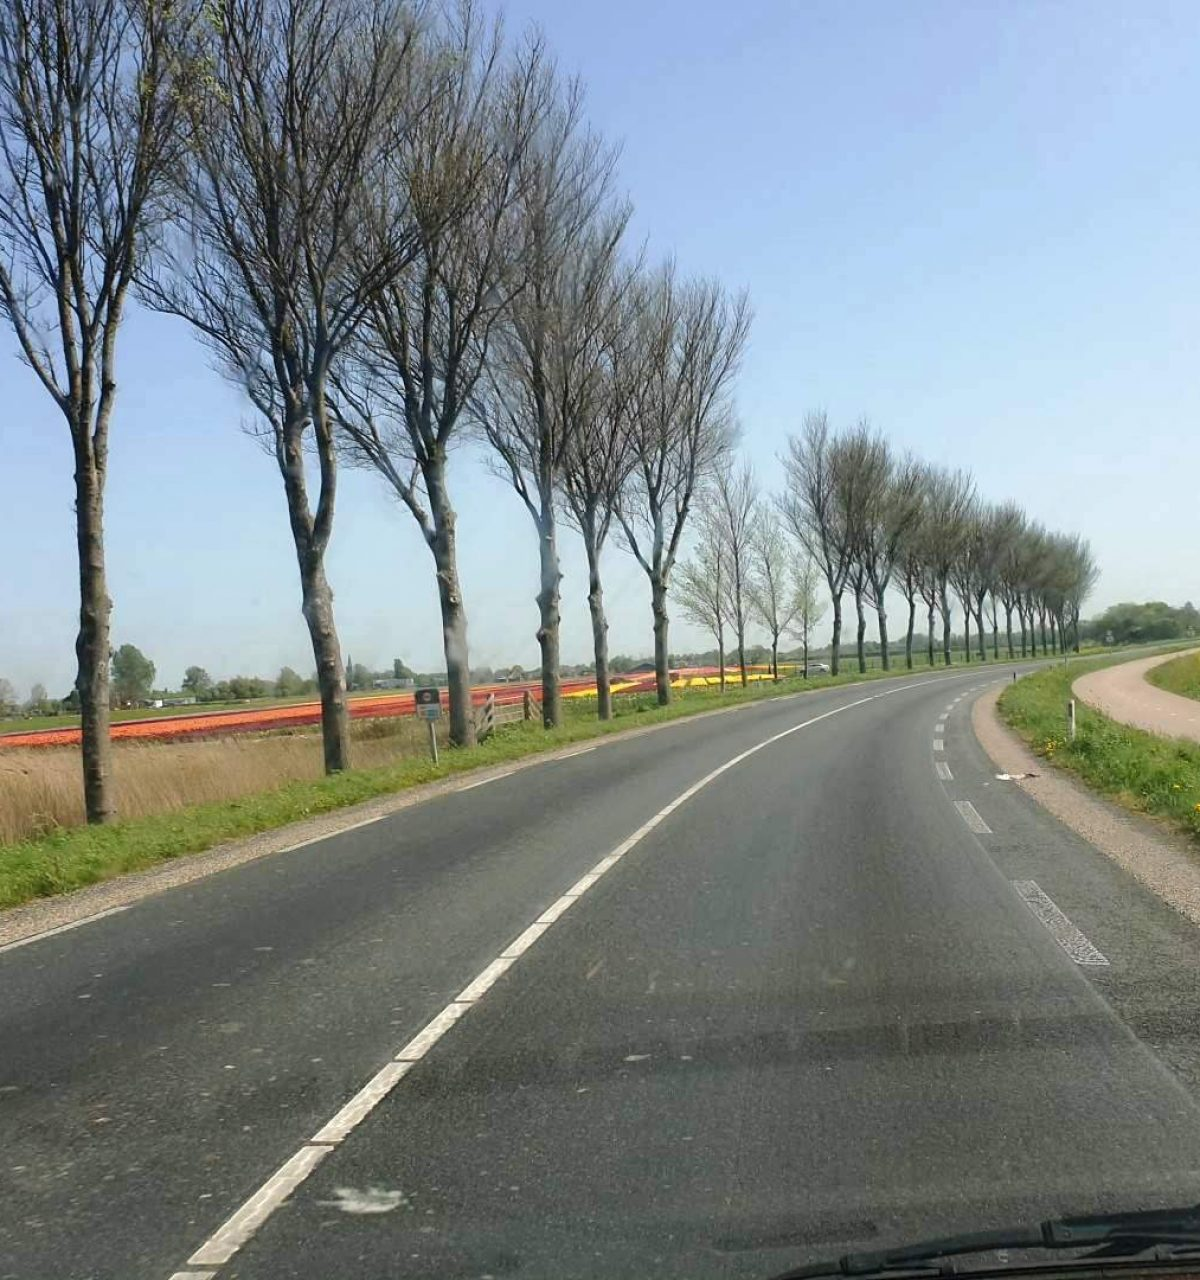 westwoud omgeving noord holland on road to amsterdam-62